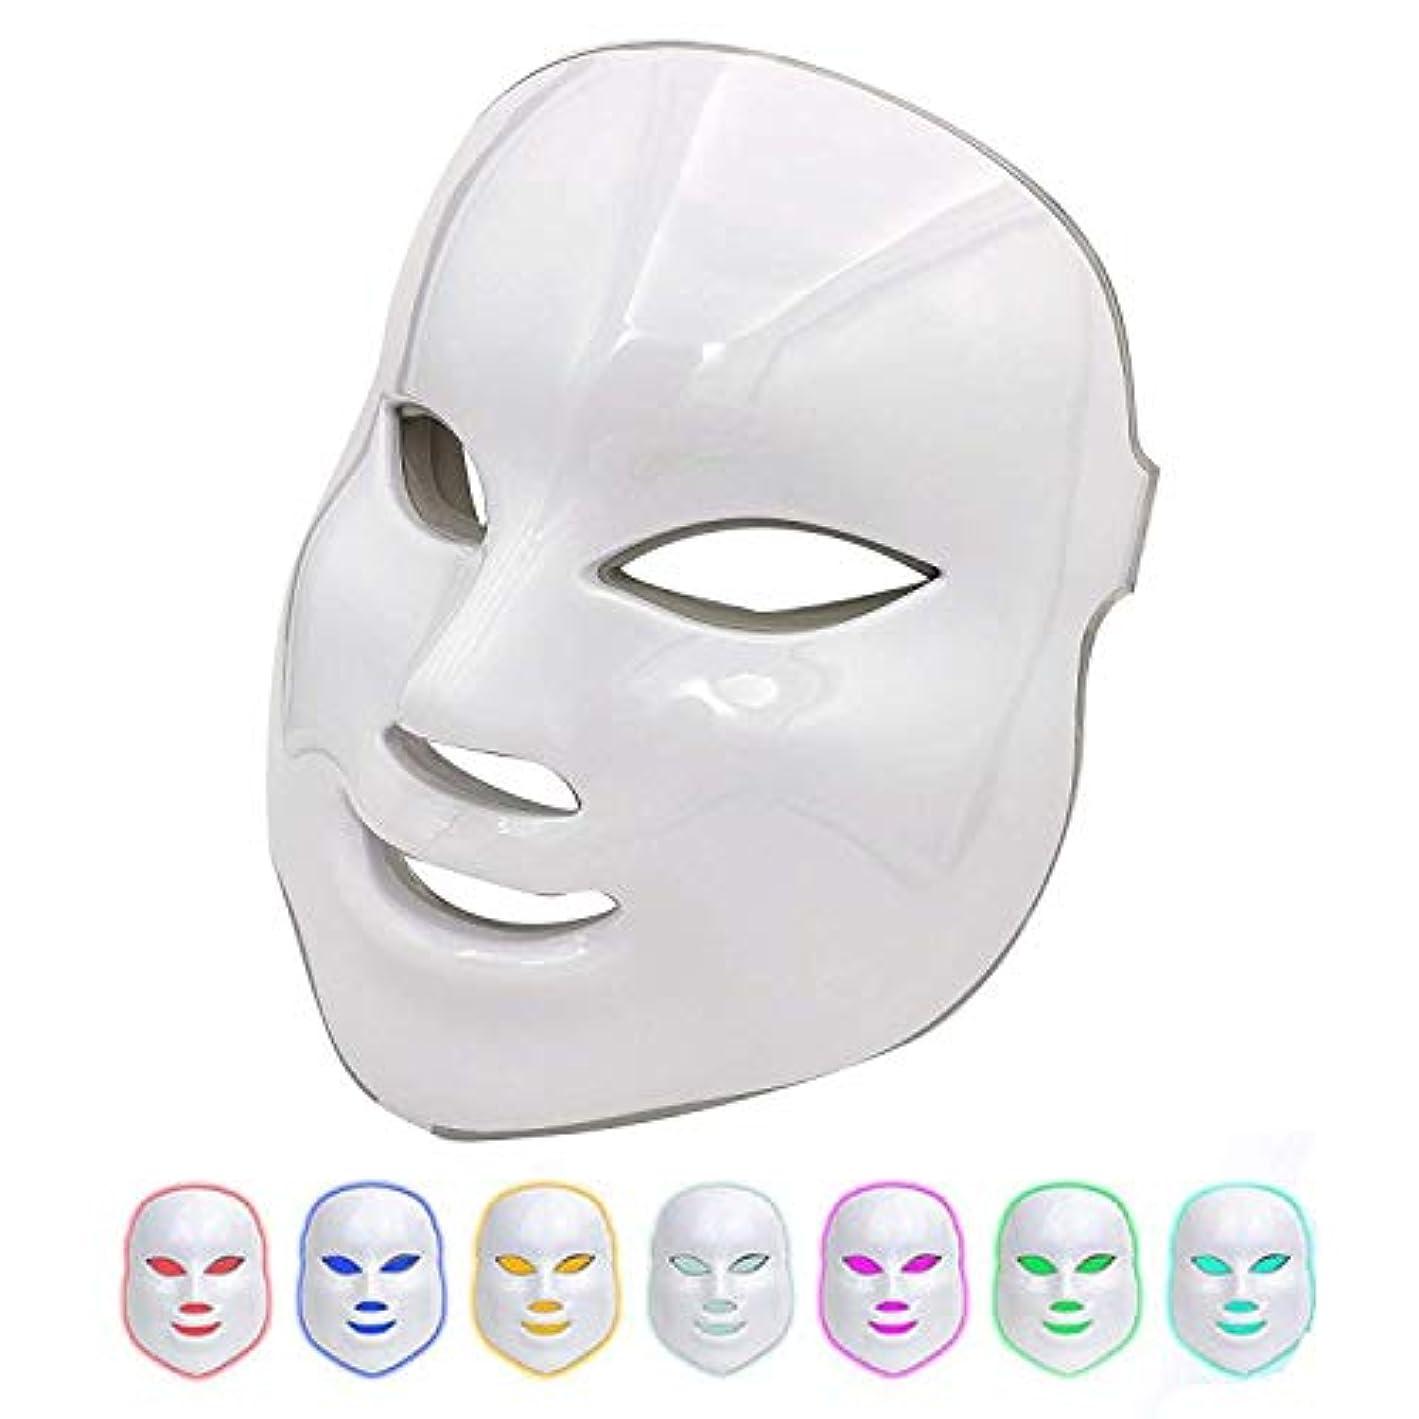 言語朝食を食べるジーンズ美容マスク7色ledライト光子療法にきび跡除去アンチエイジング肌の若返りフェイシャルケアフェイシャルトーンデバイス